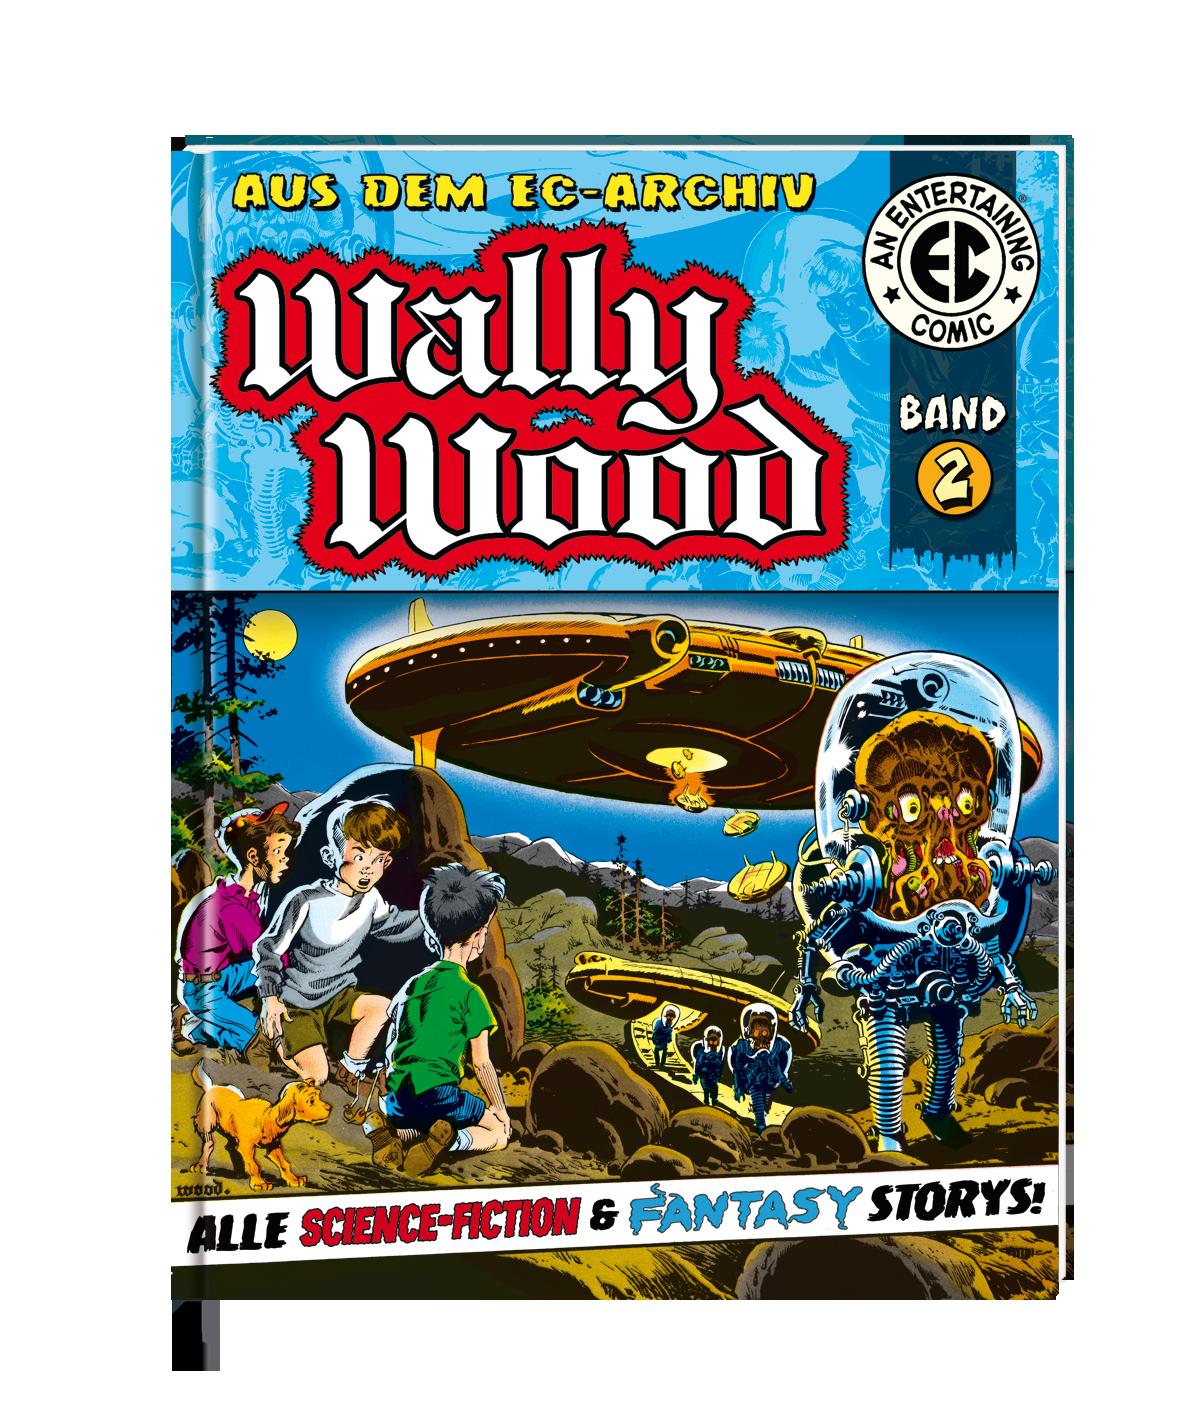 Wally Wood 1 EC Archiv All Verlag